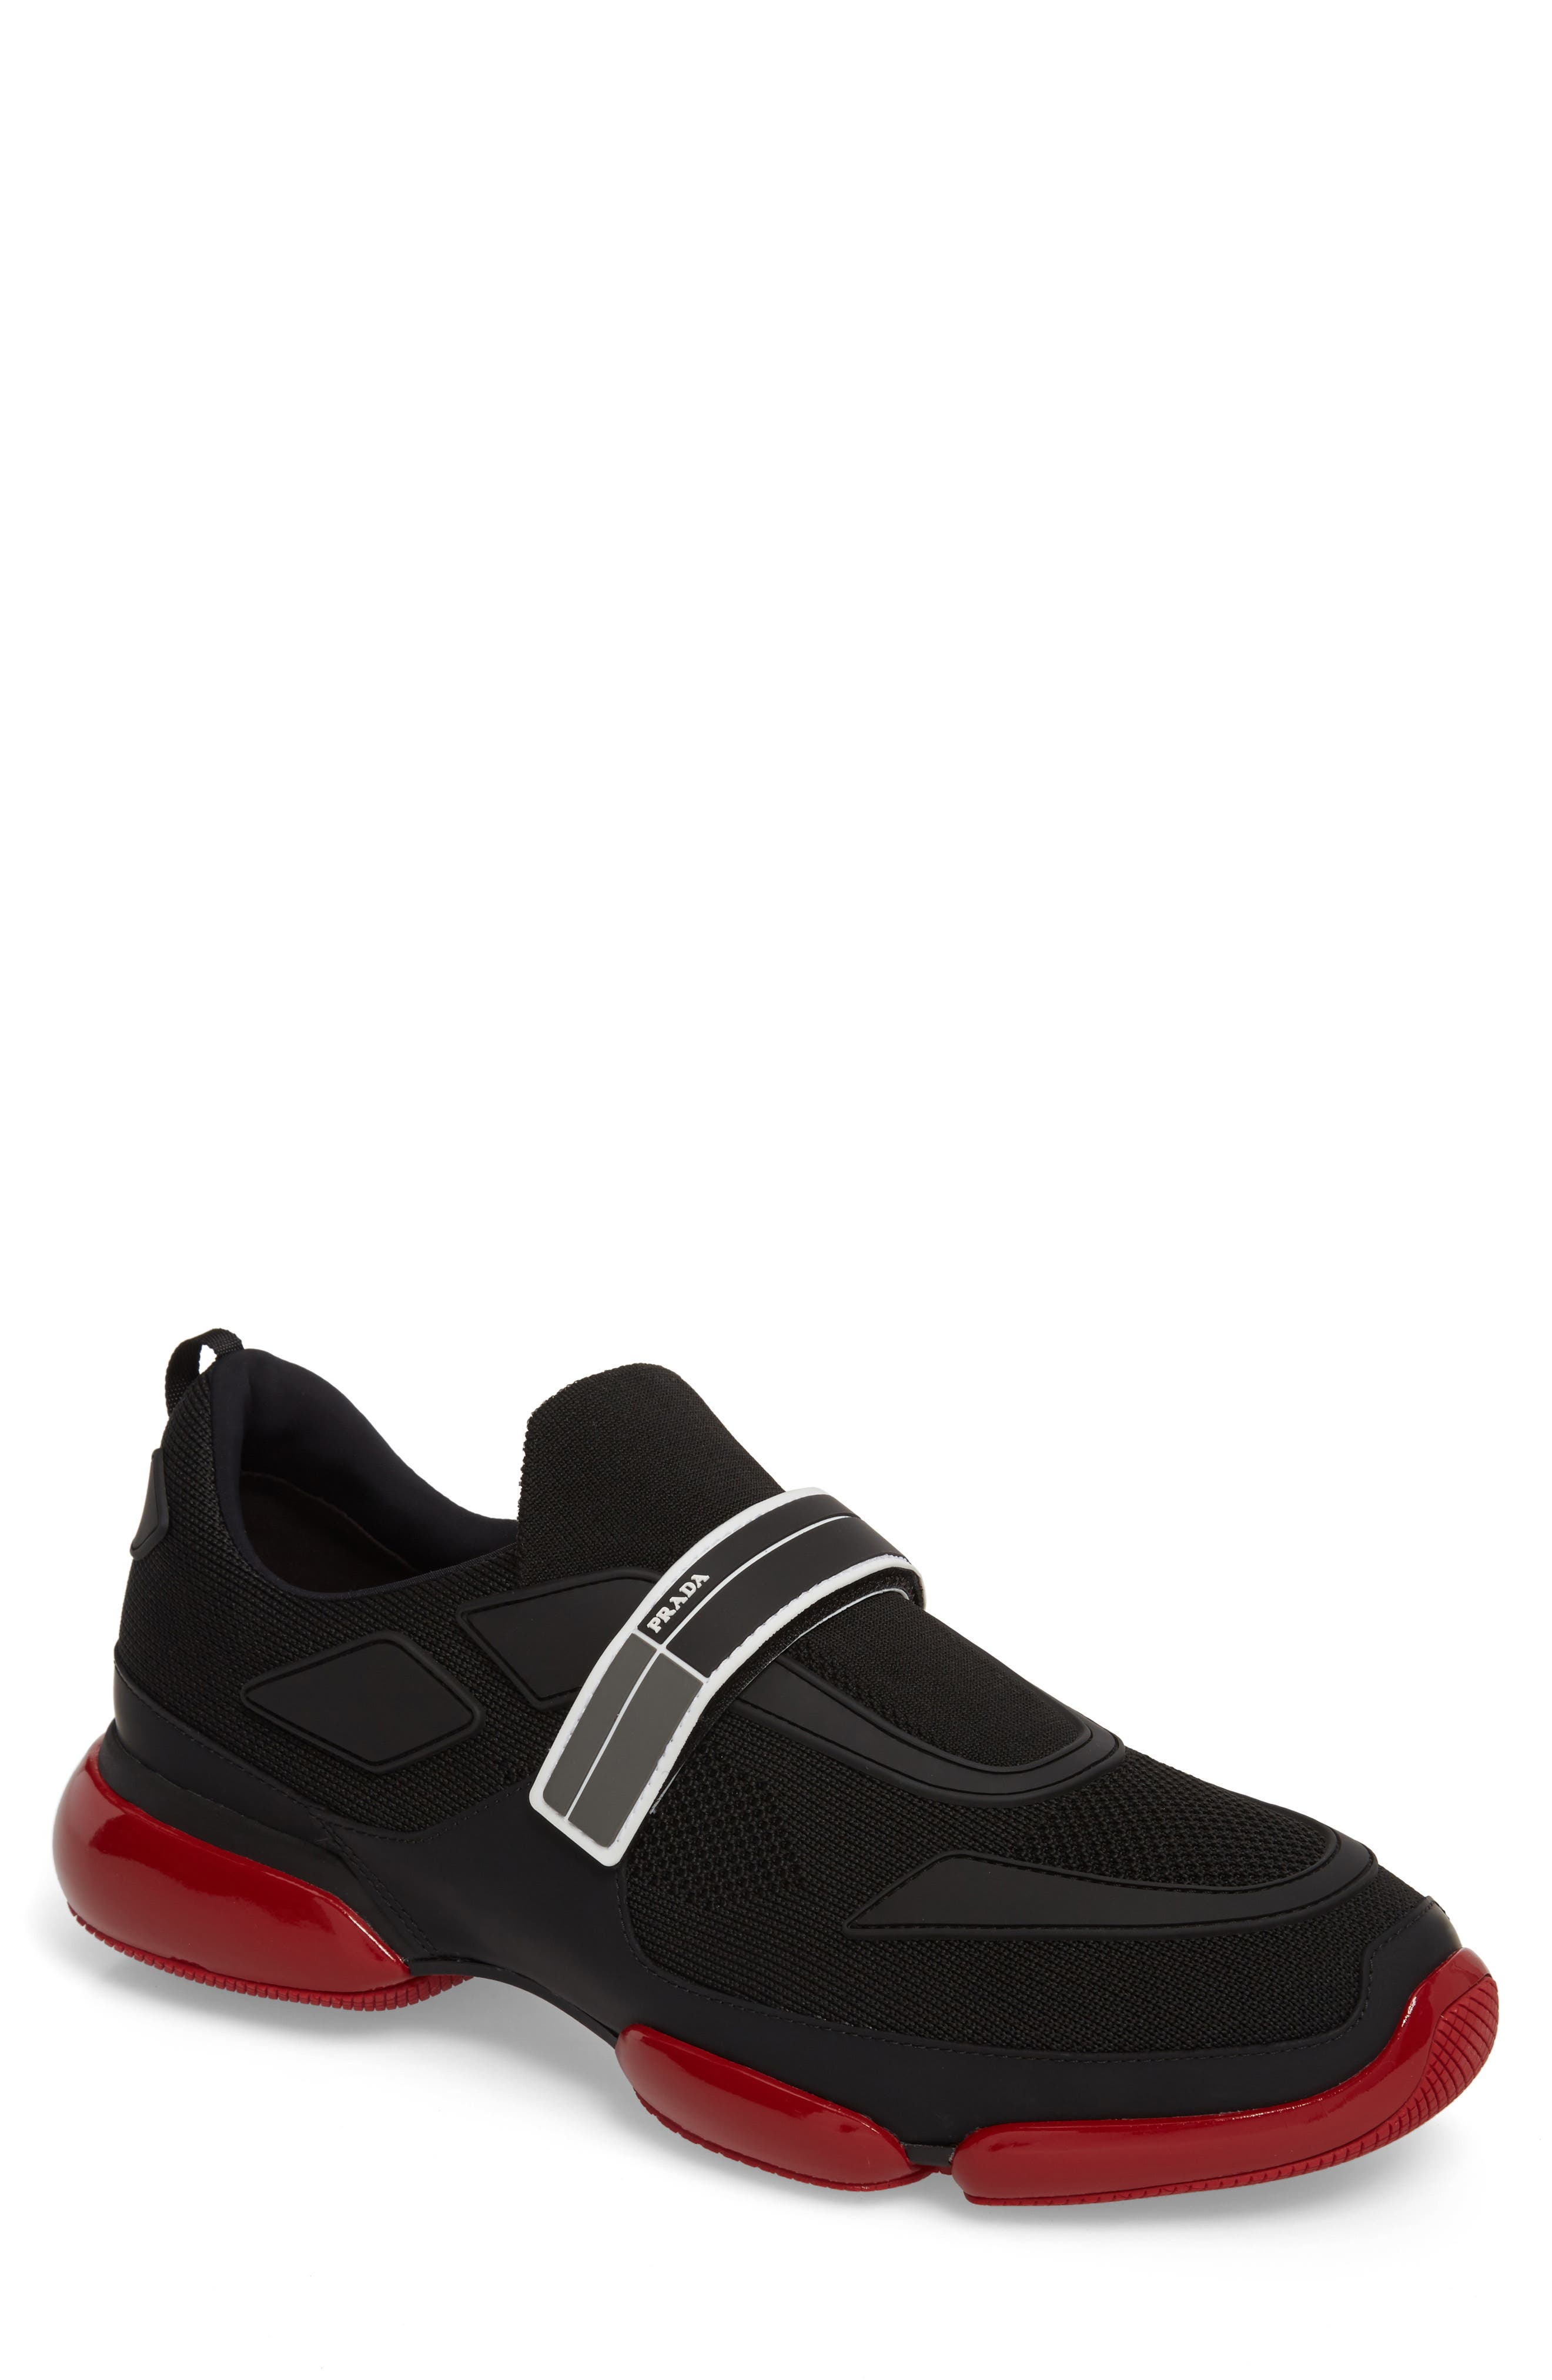 Prada Cloudbust Sneaker (Men)